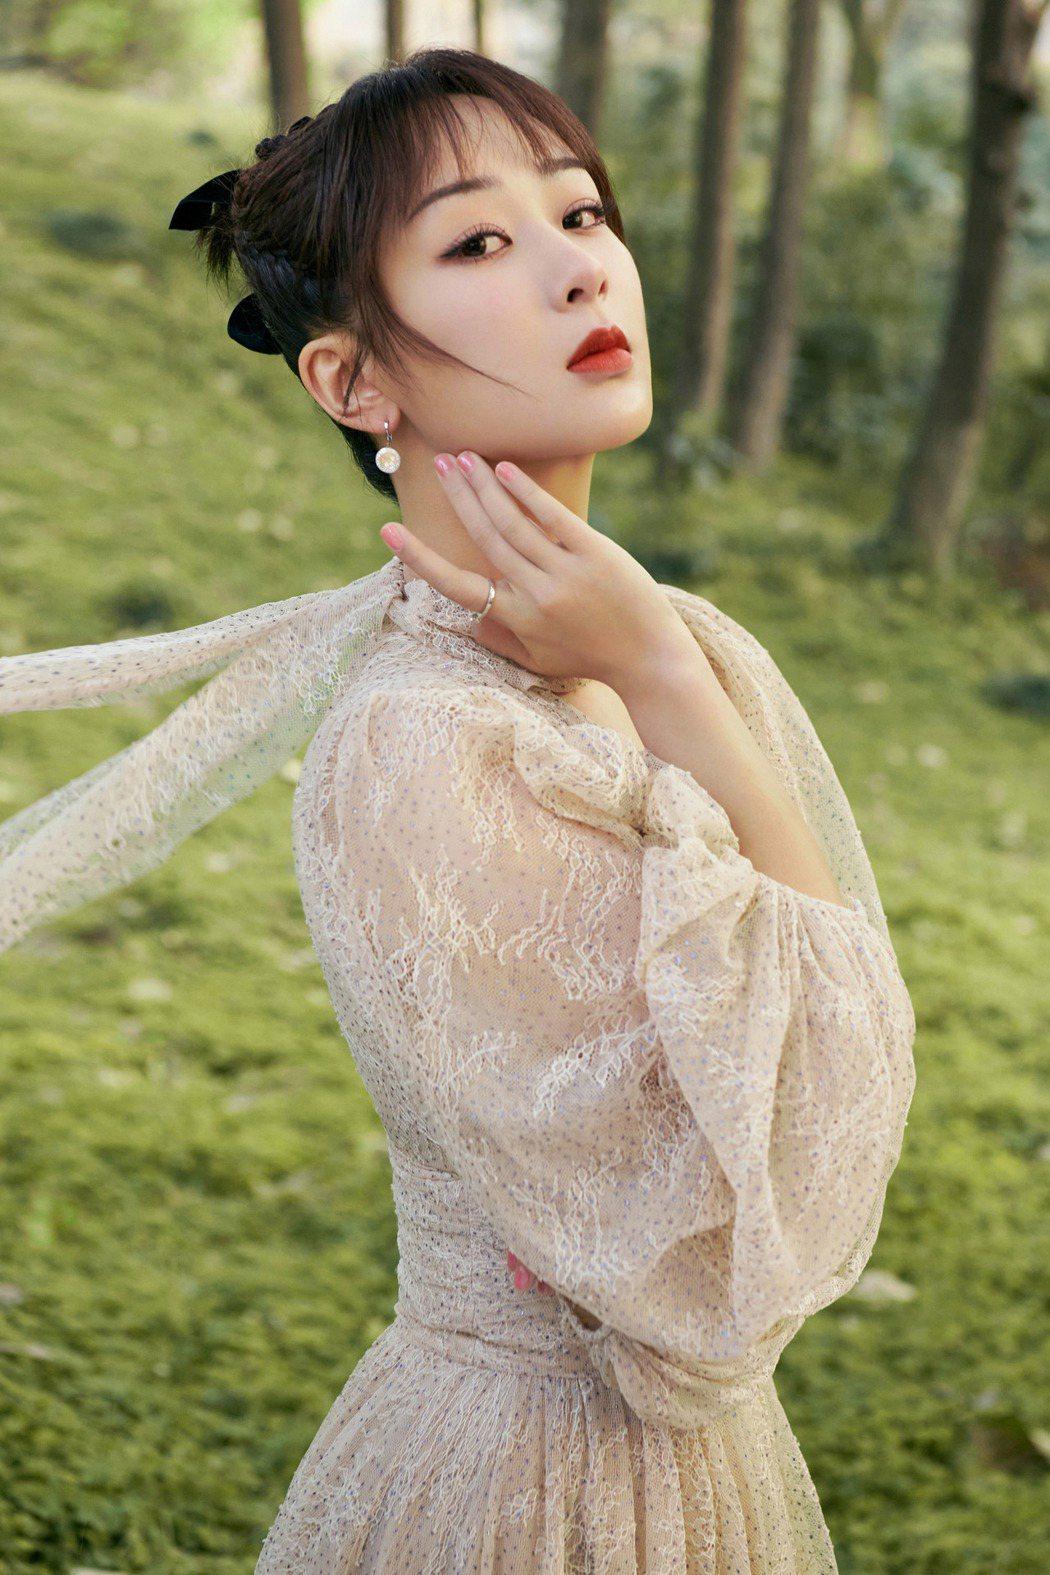 楊紫被粉絲形容是「正能量女神」。圖/LiTV、楊紫工作室提供